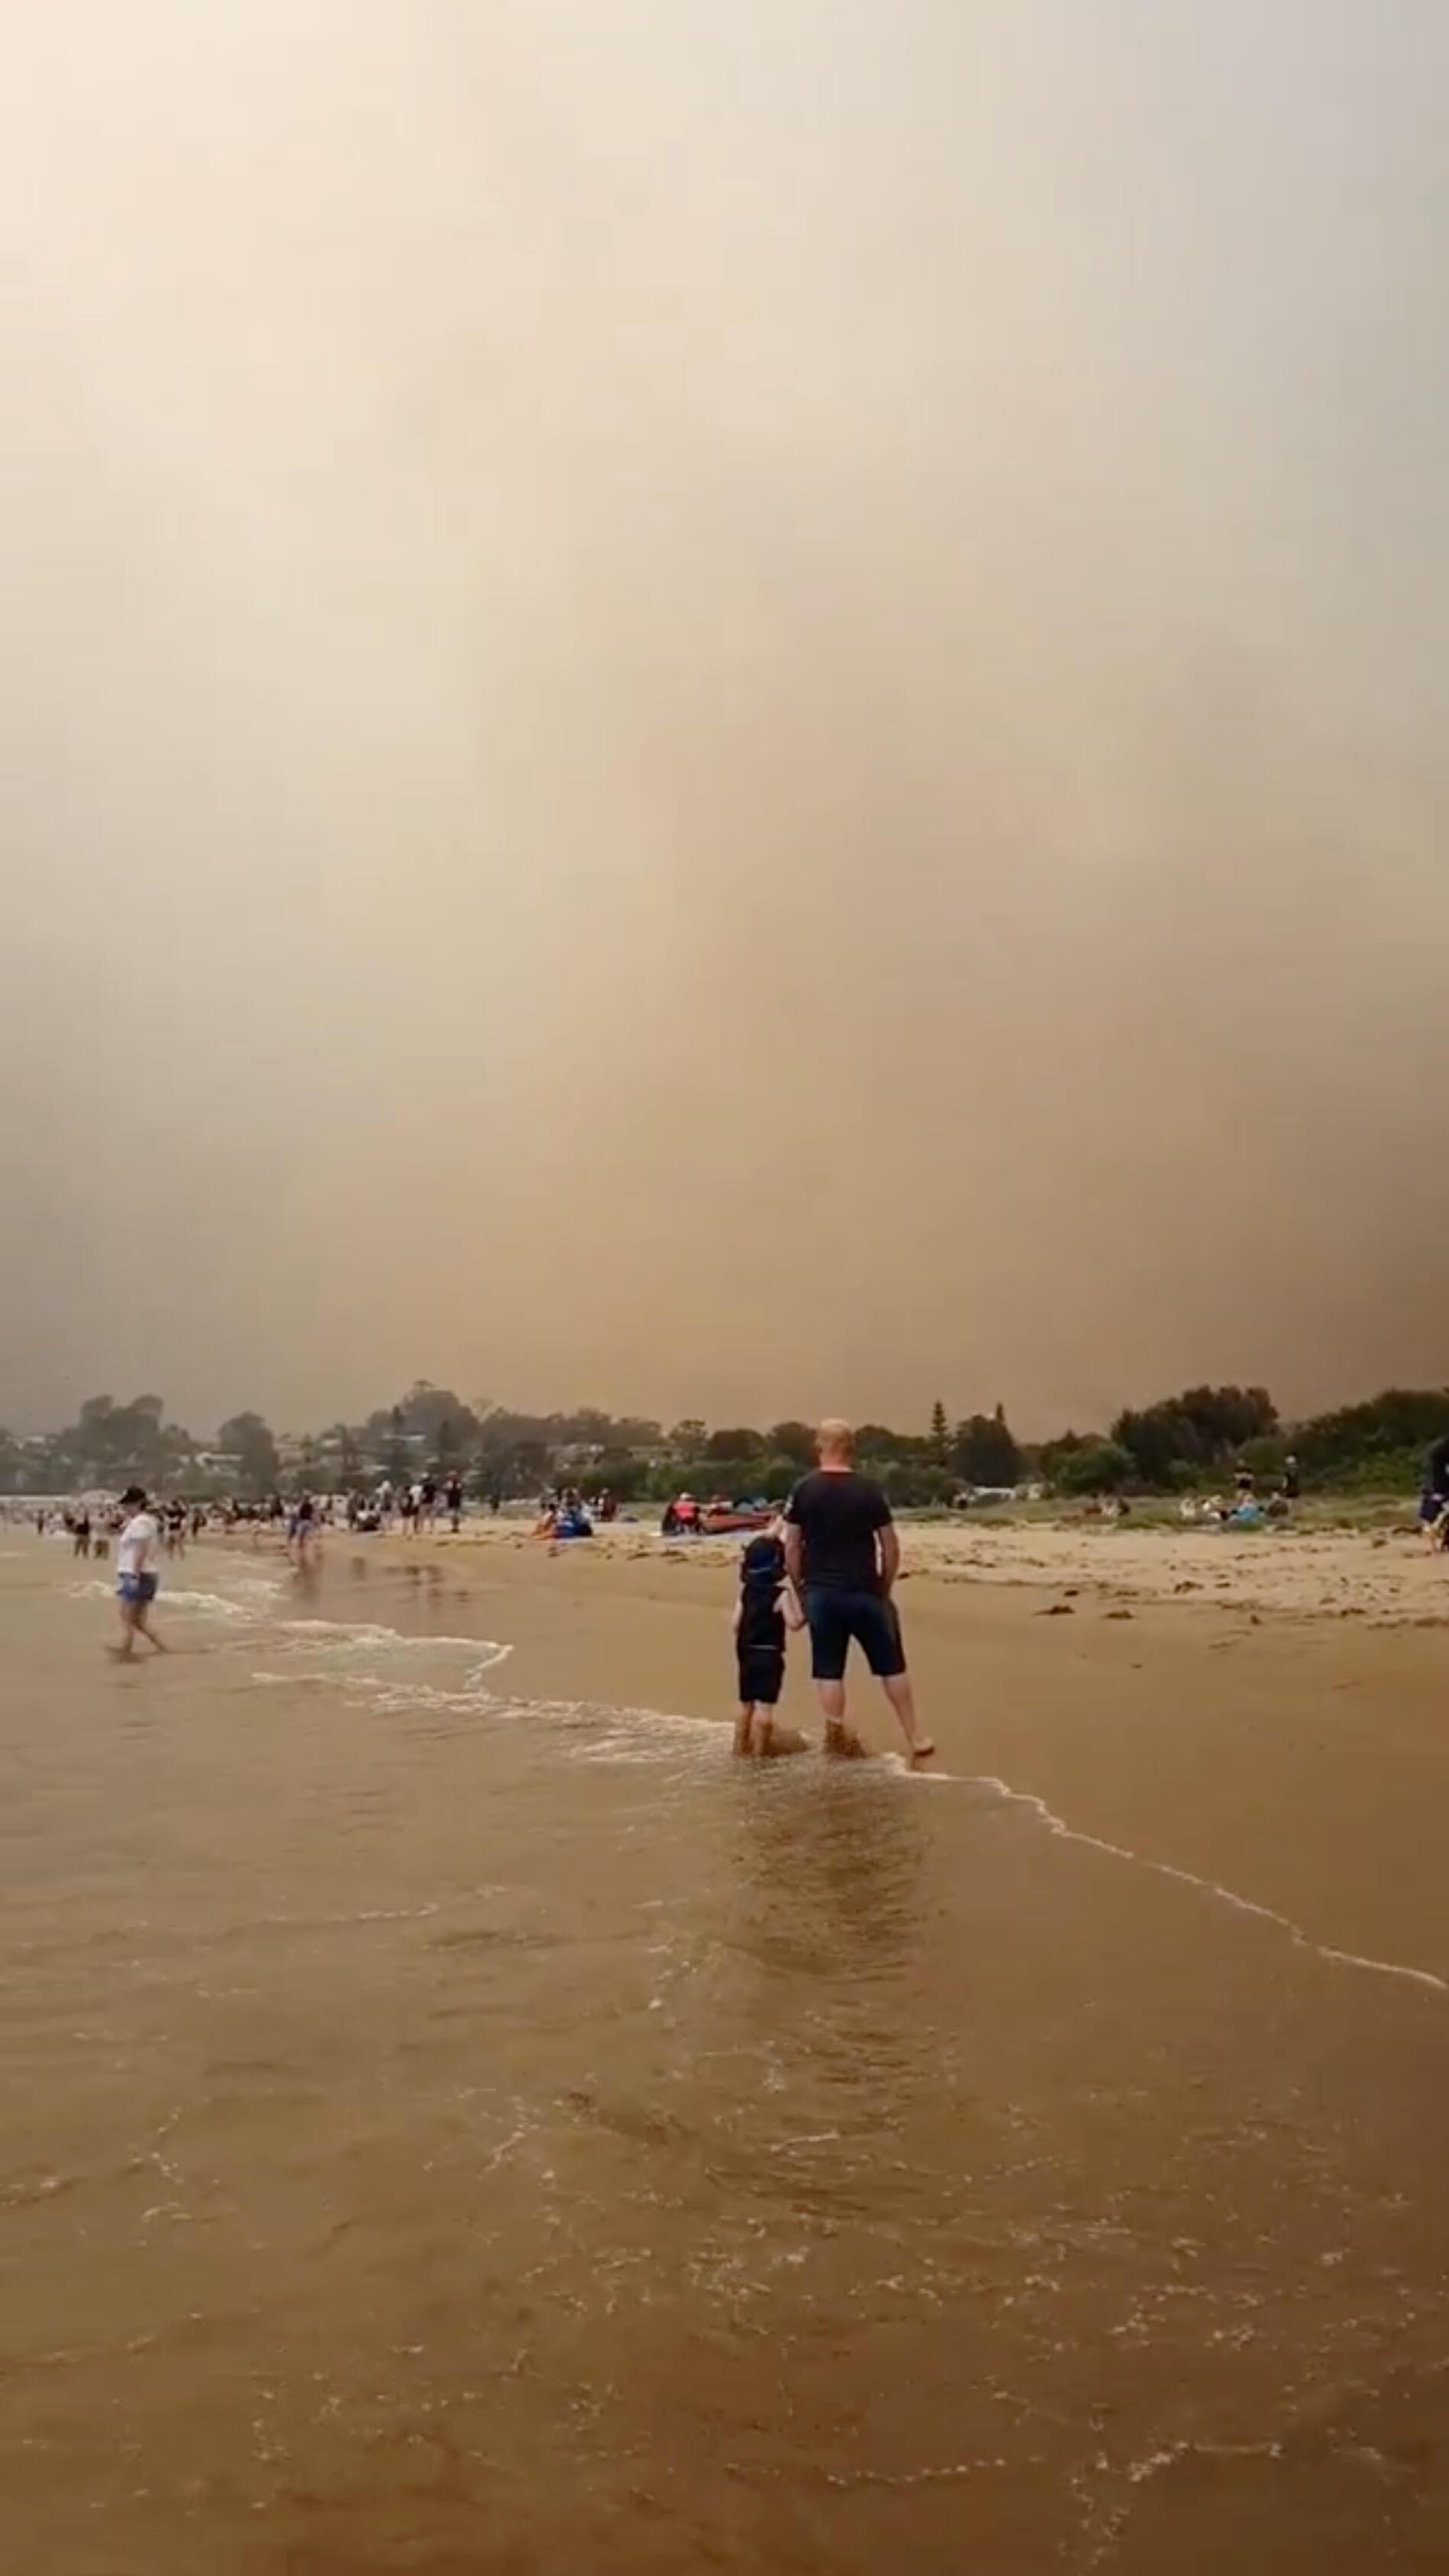 Des milliers de personnes ont été contraintes mardi de trouver refuge sur des plages du sud-est de l'Australie pour échapper aux incendies.